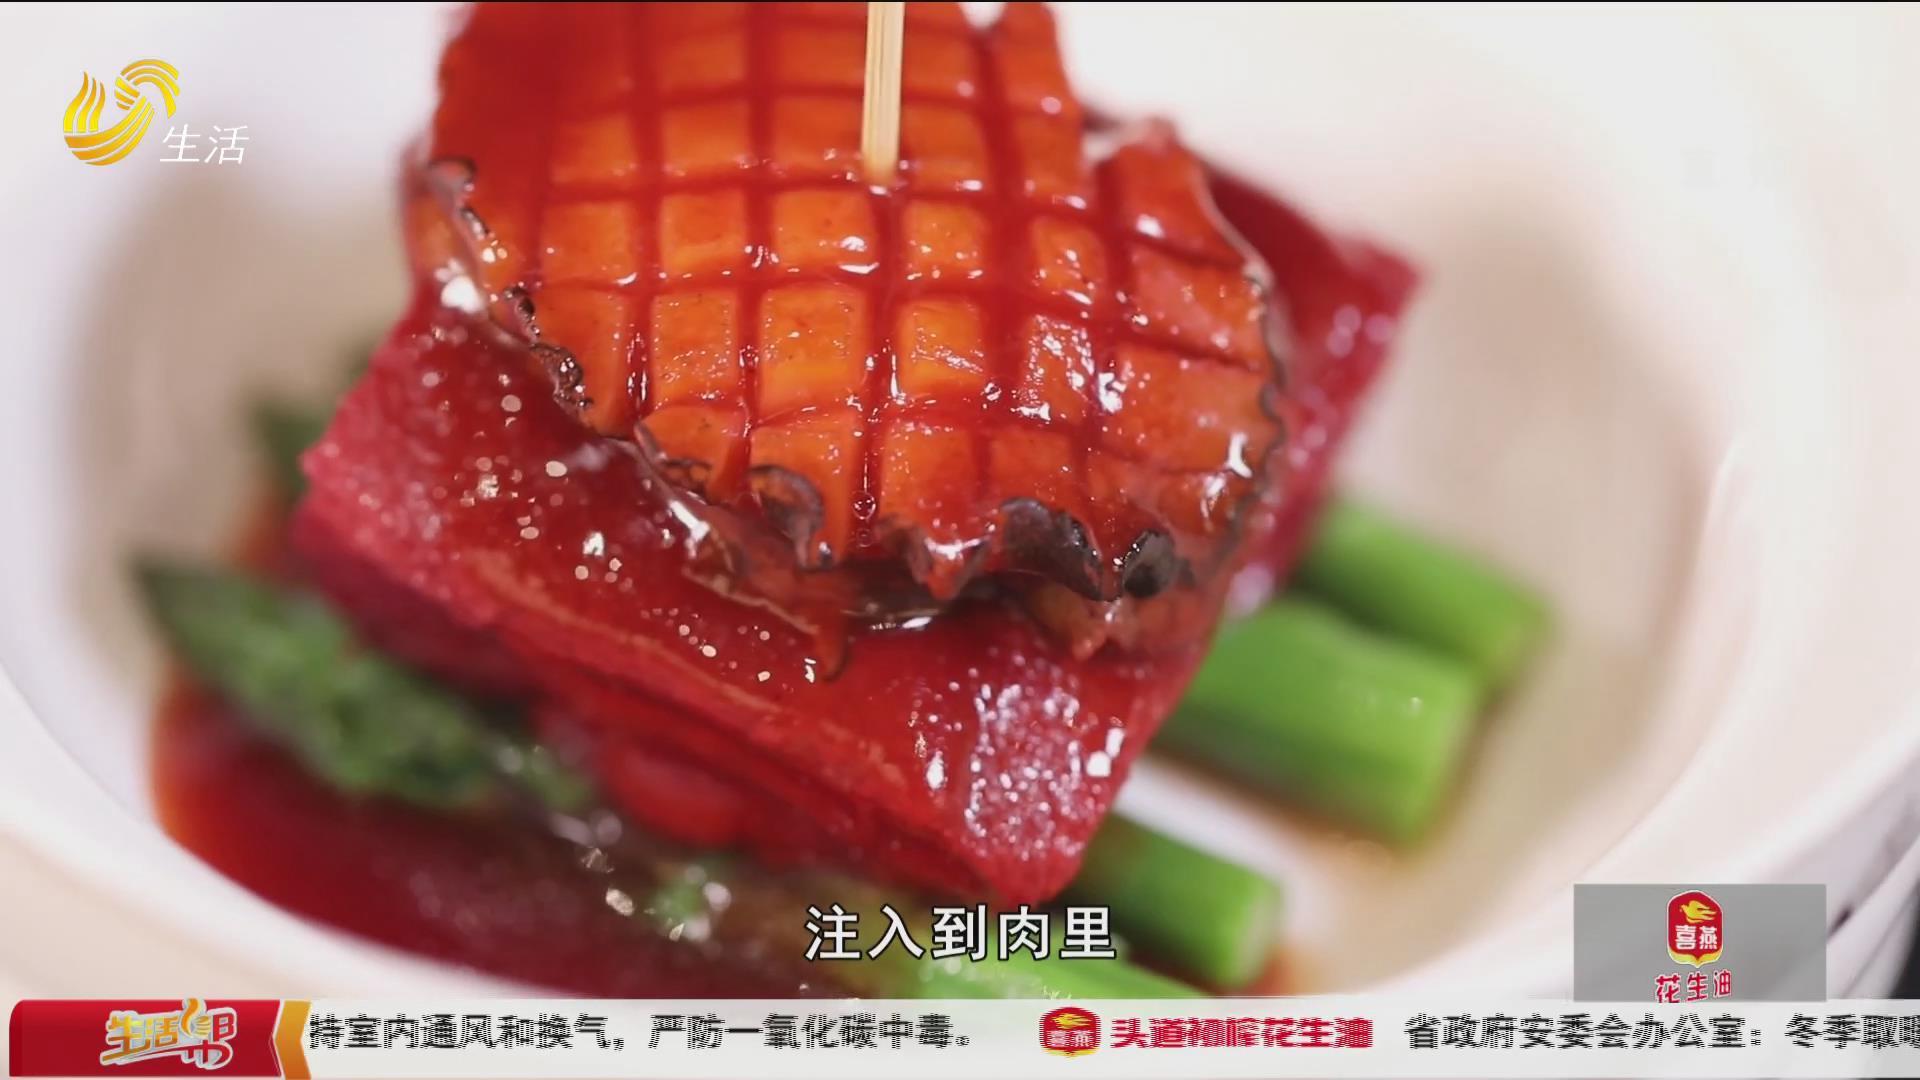 山东美食大赛第九期冠军菜品——鲍鱼红烧肉